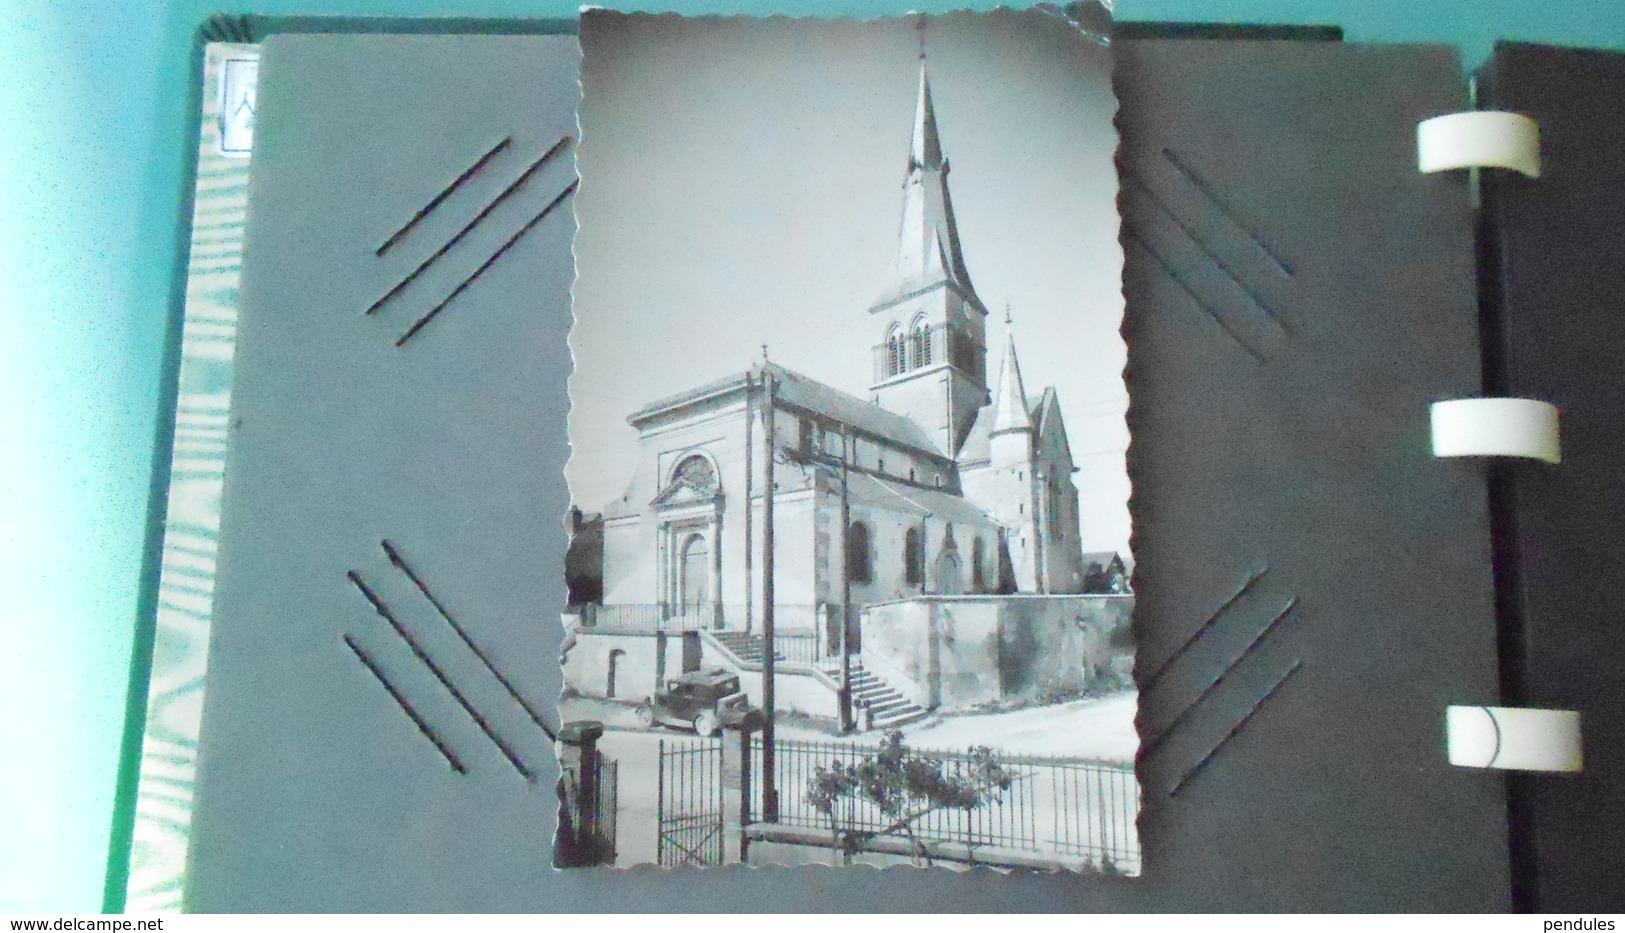 51CARTE DE JUVIGNYN° DE CASIER 1608 UCIRCULEPLIURE - Autres Communes